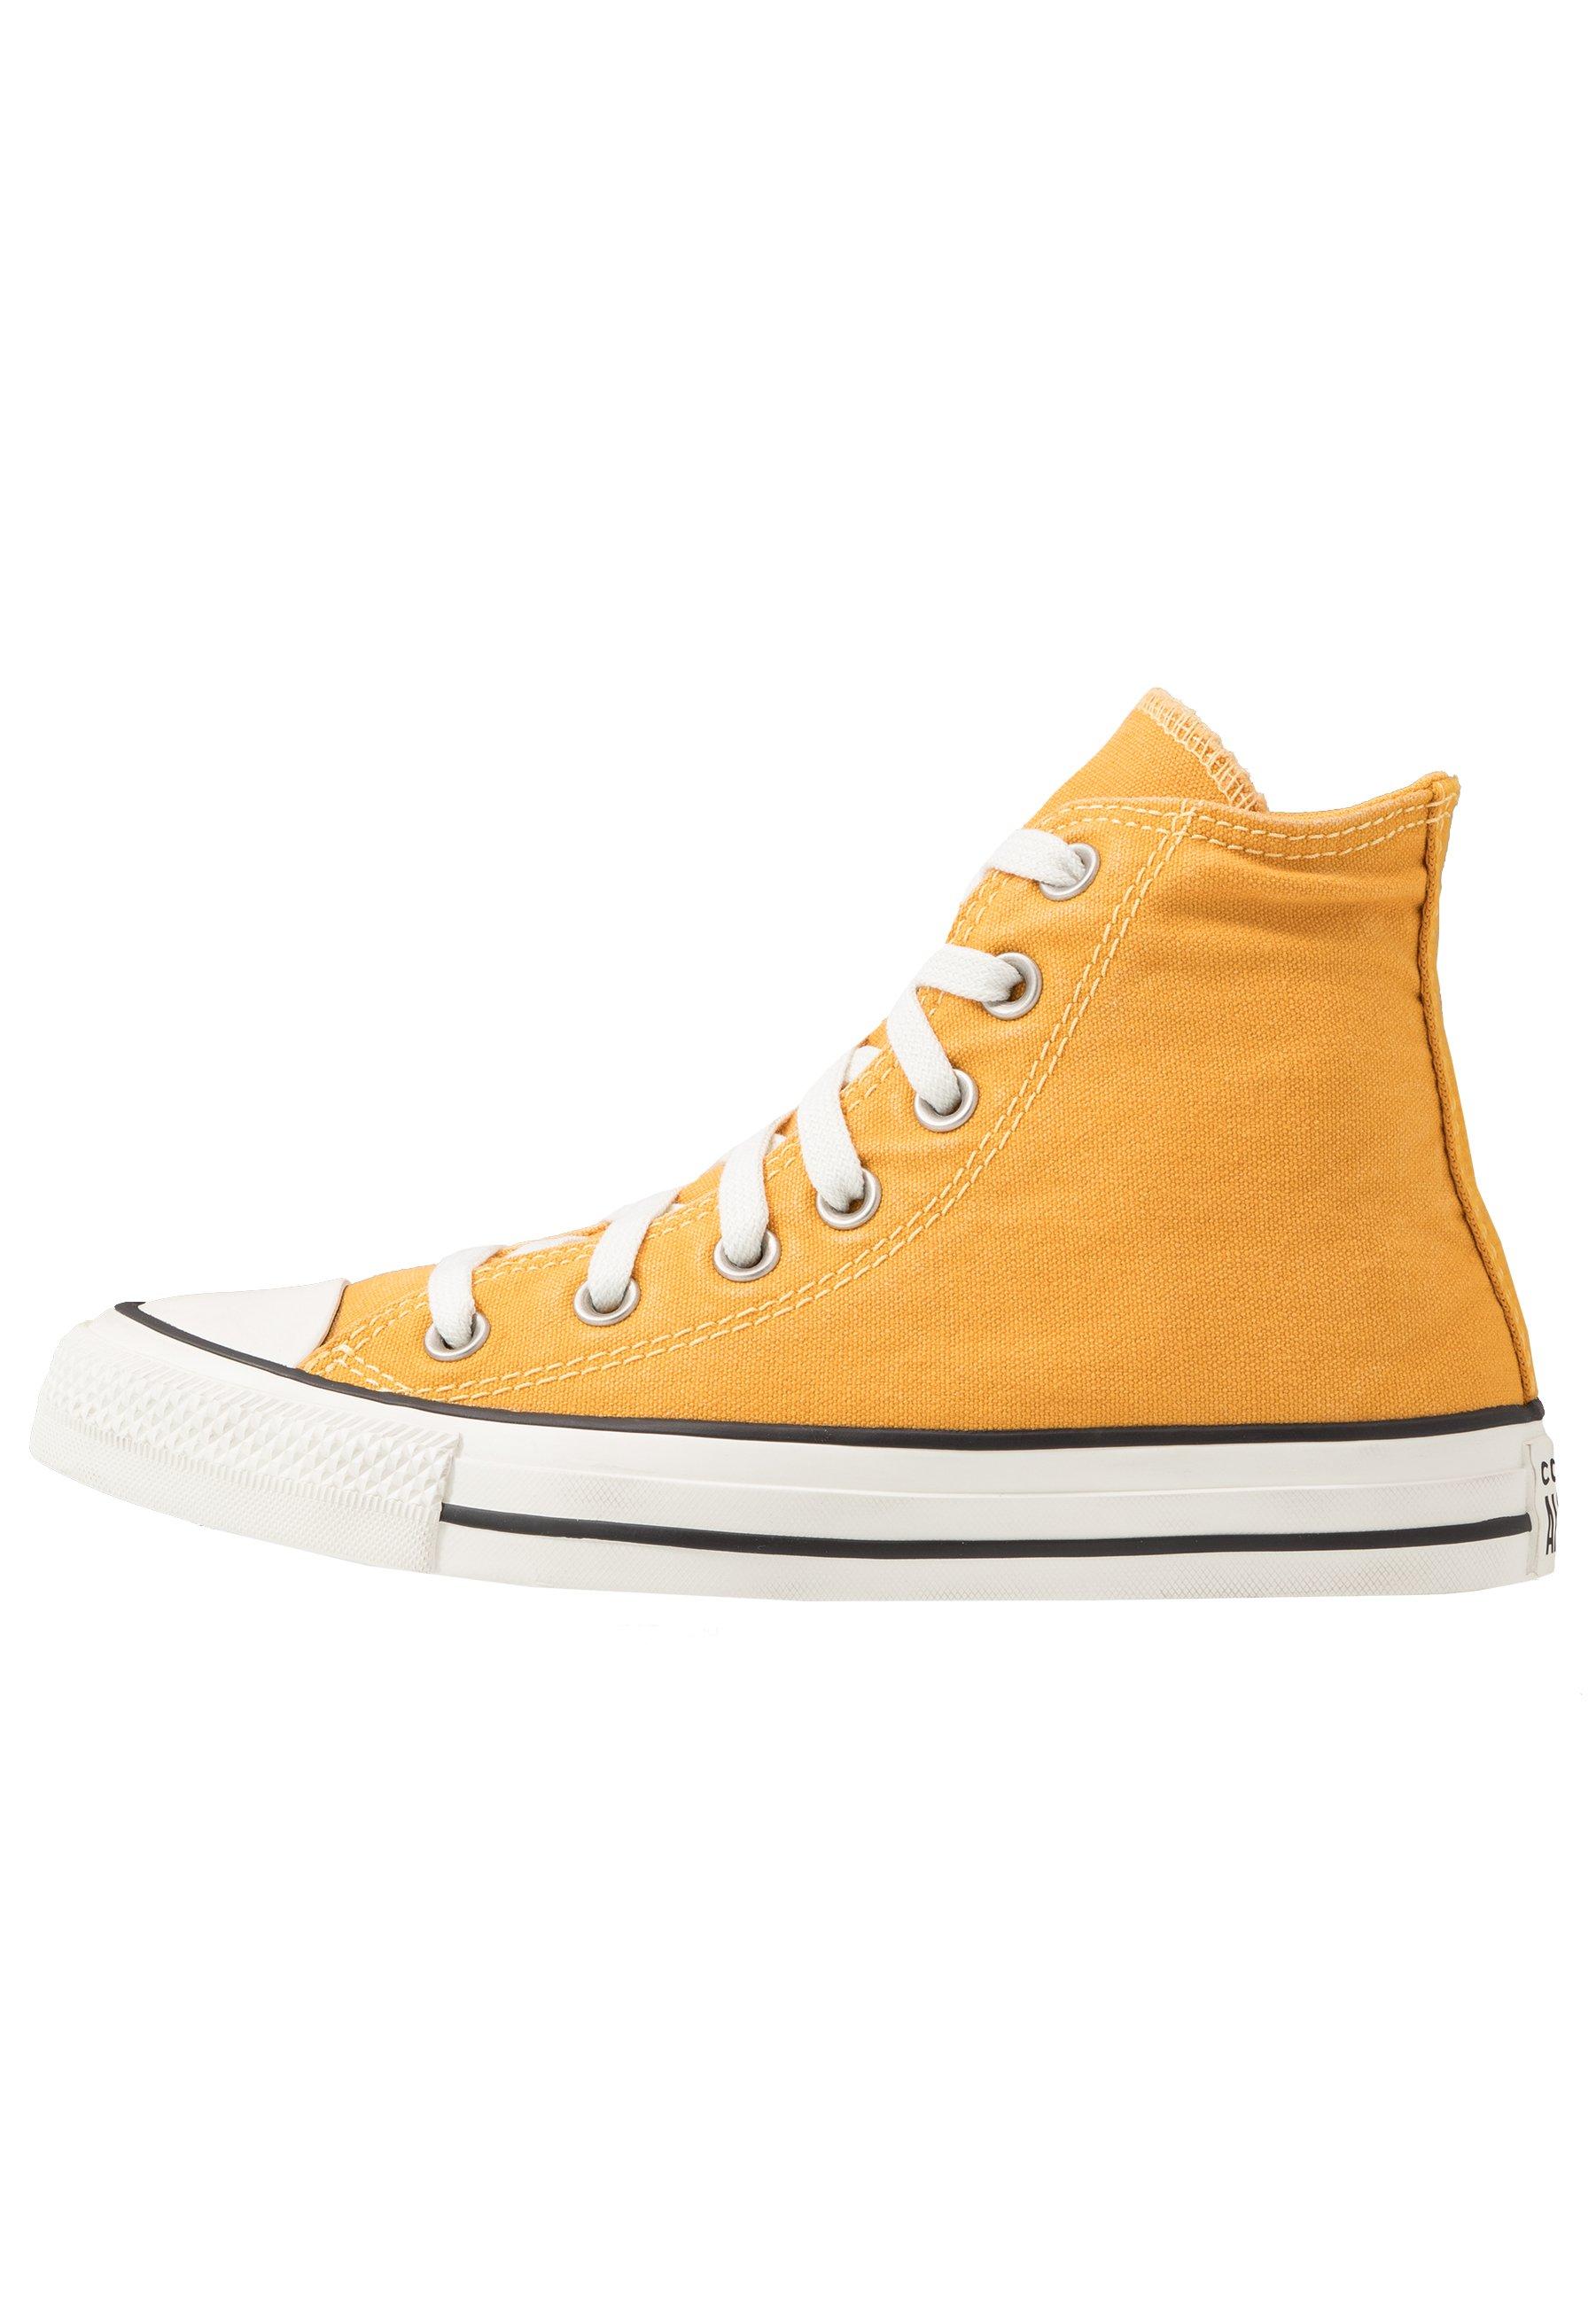 Converse CHUCK TAYLOR ALL STAR Sneaker high sunflower